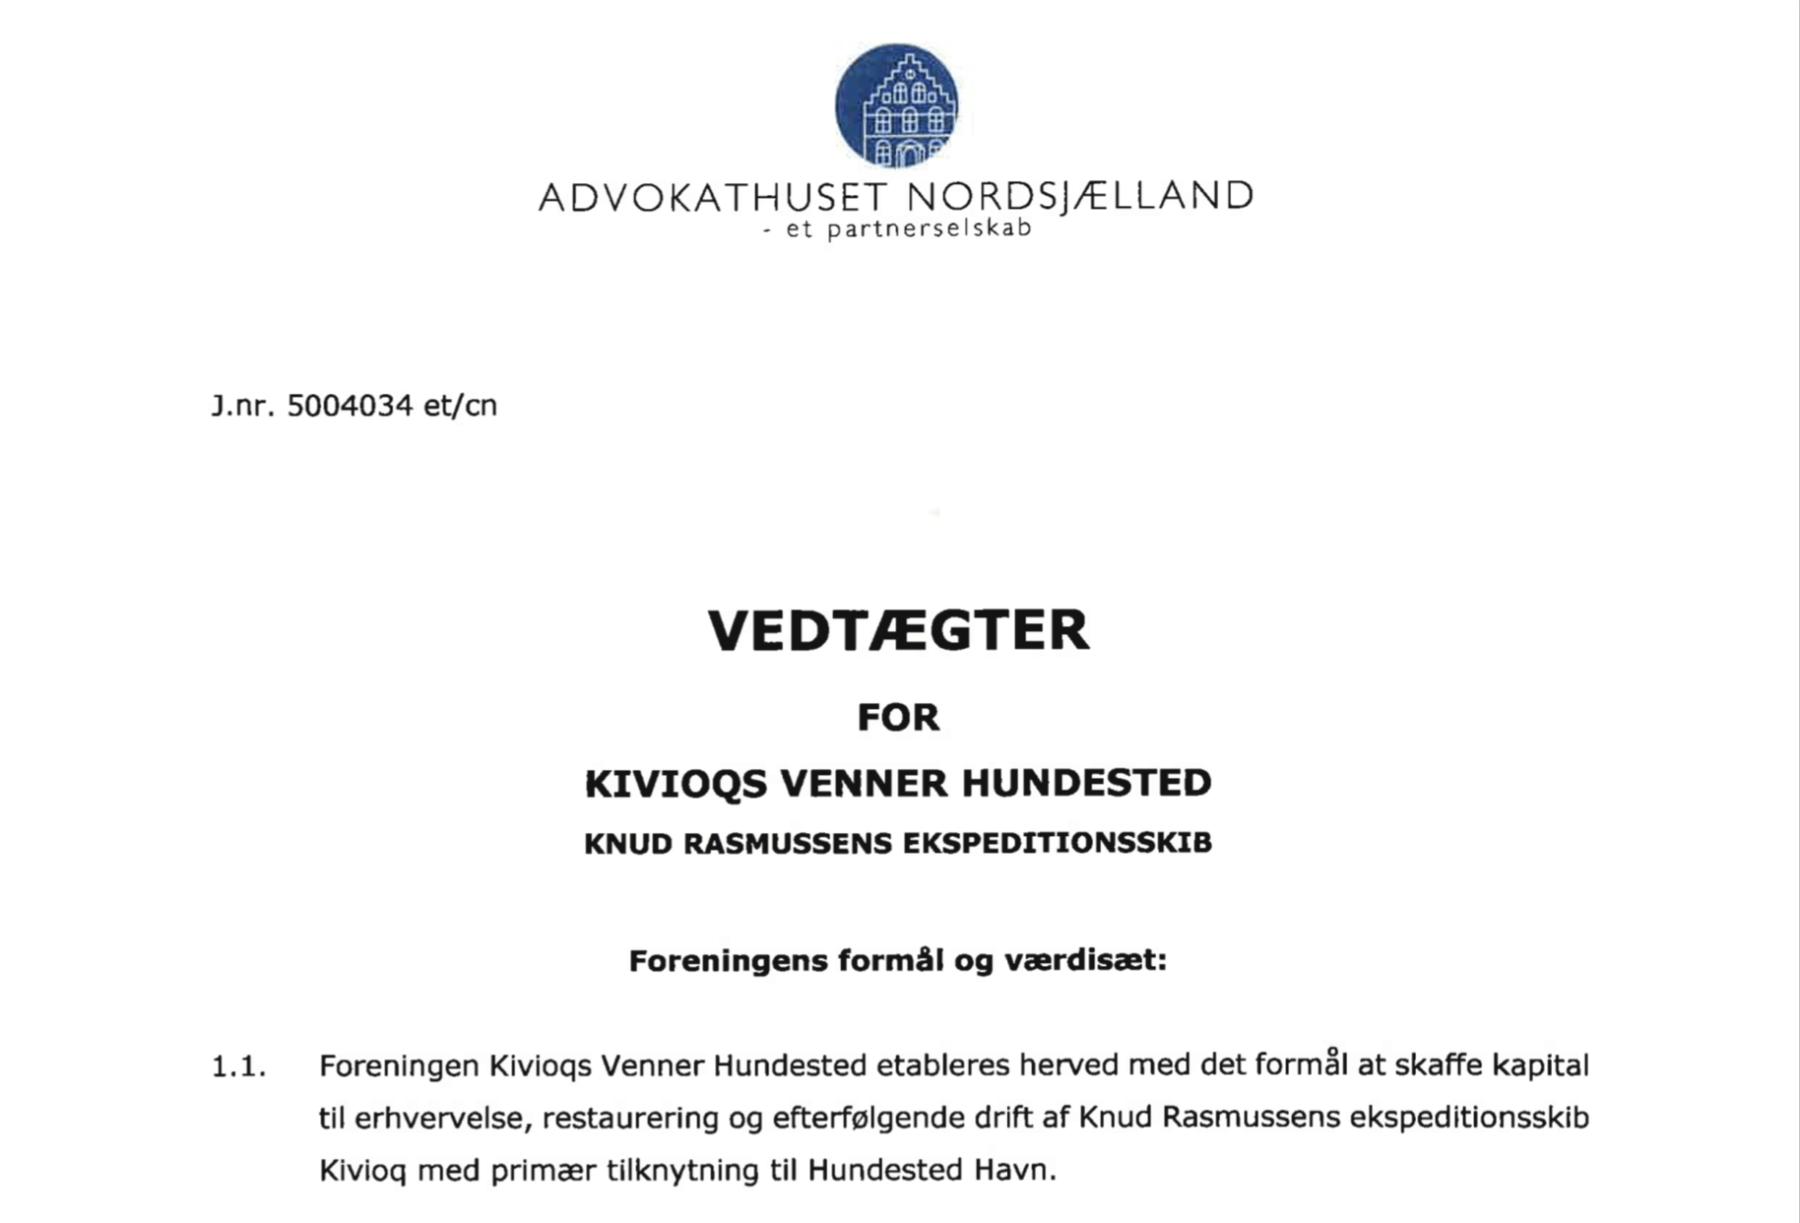 Vedtægter KIVIOQs VENNER HUNDESTED